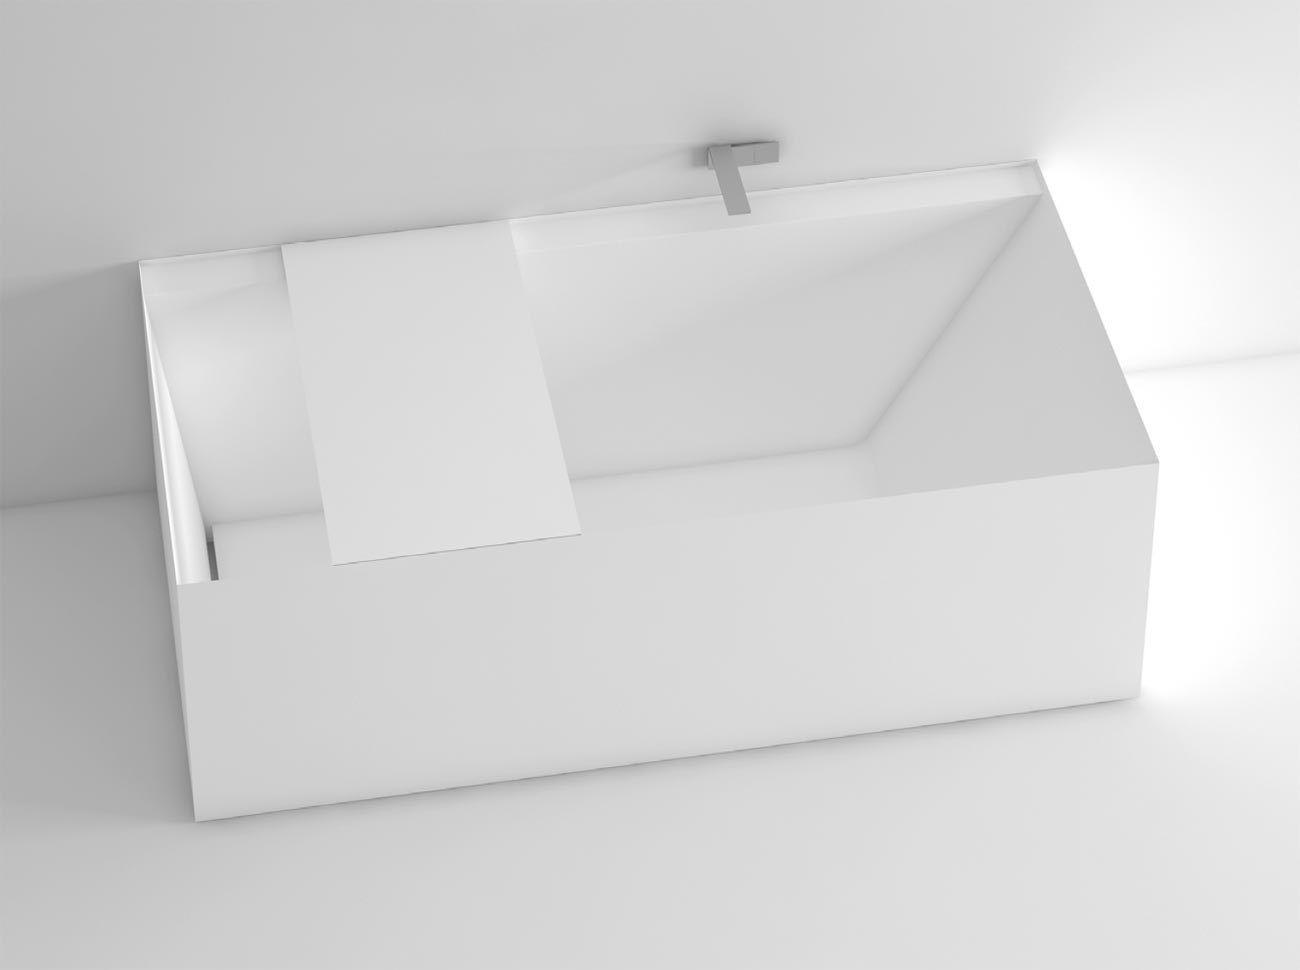 syn baignoire by lasa idea design emanuel gargano marco fagioli. Black Bedroom Furniture Sets. Home Design Ideas